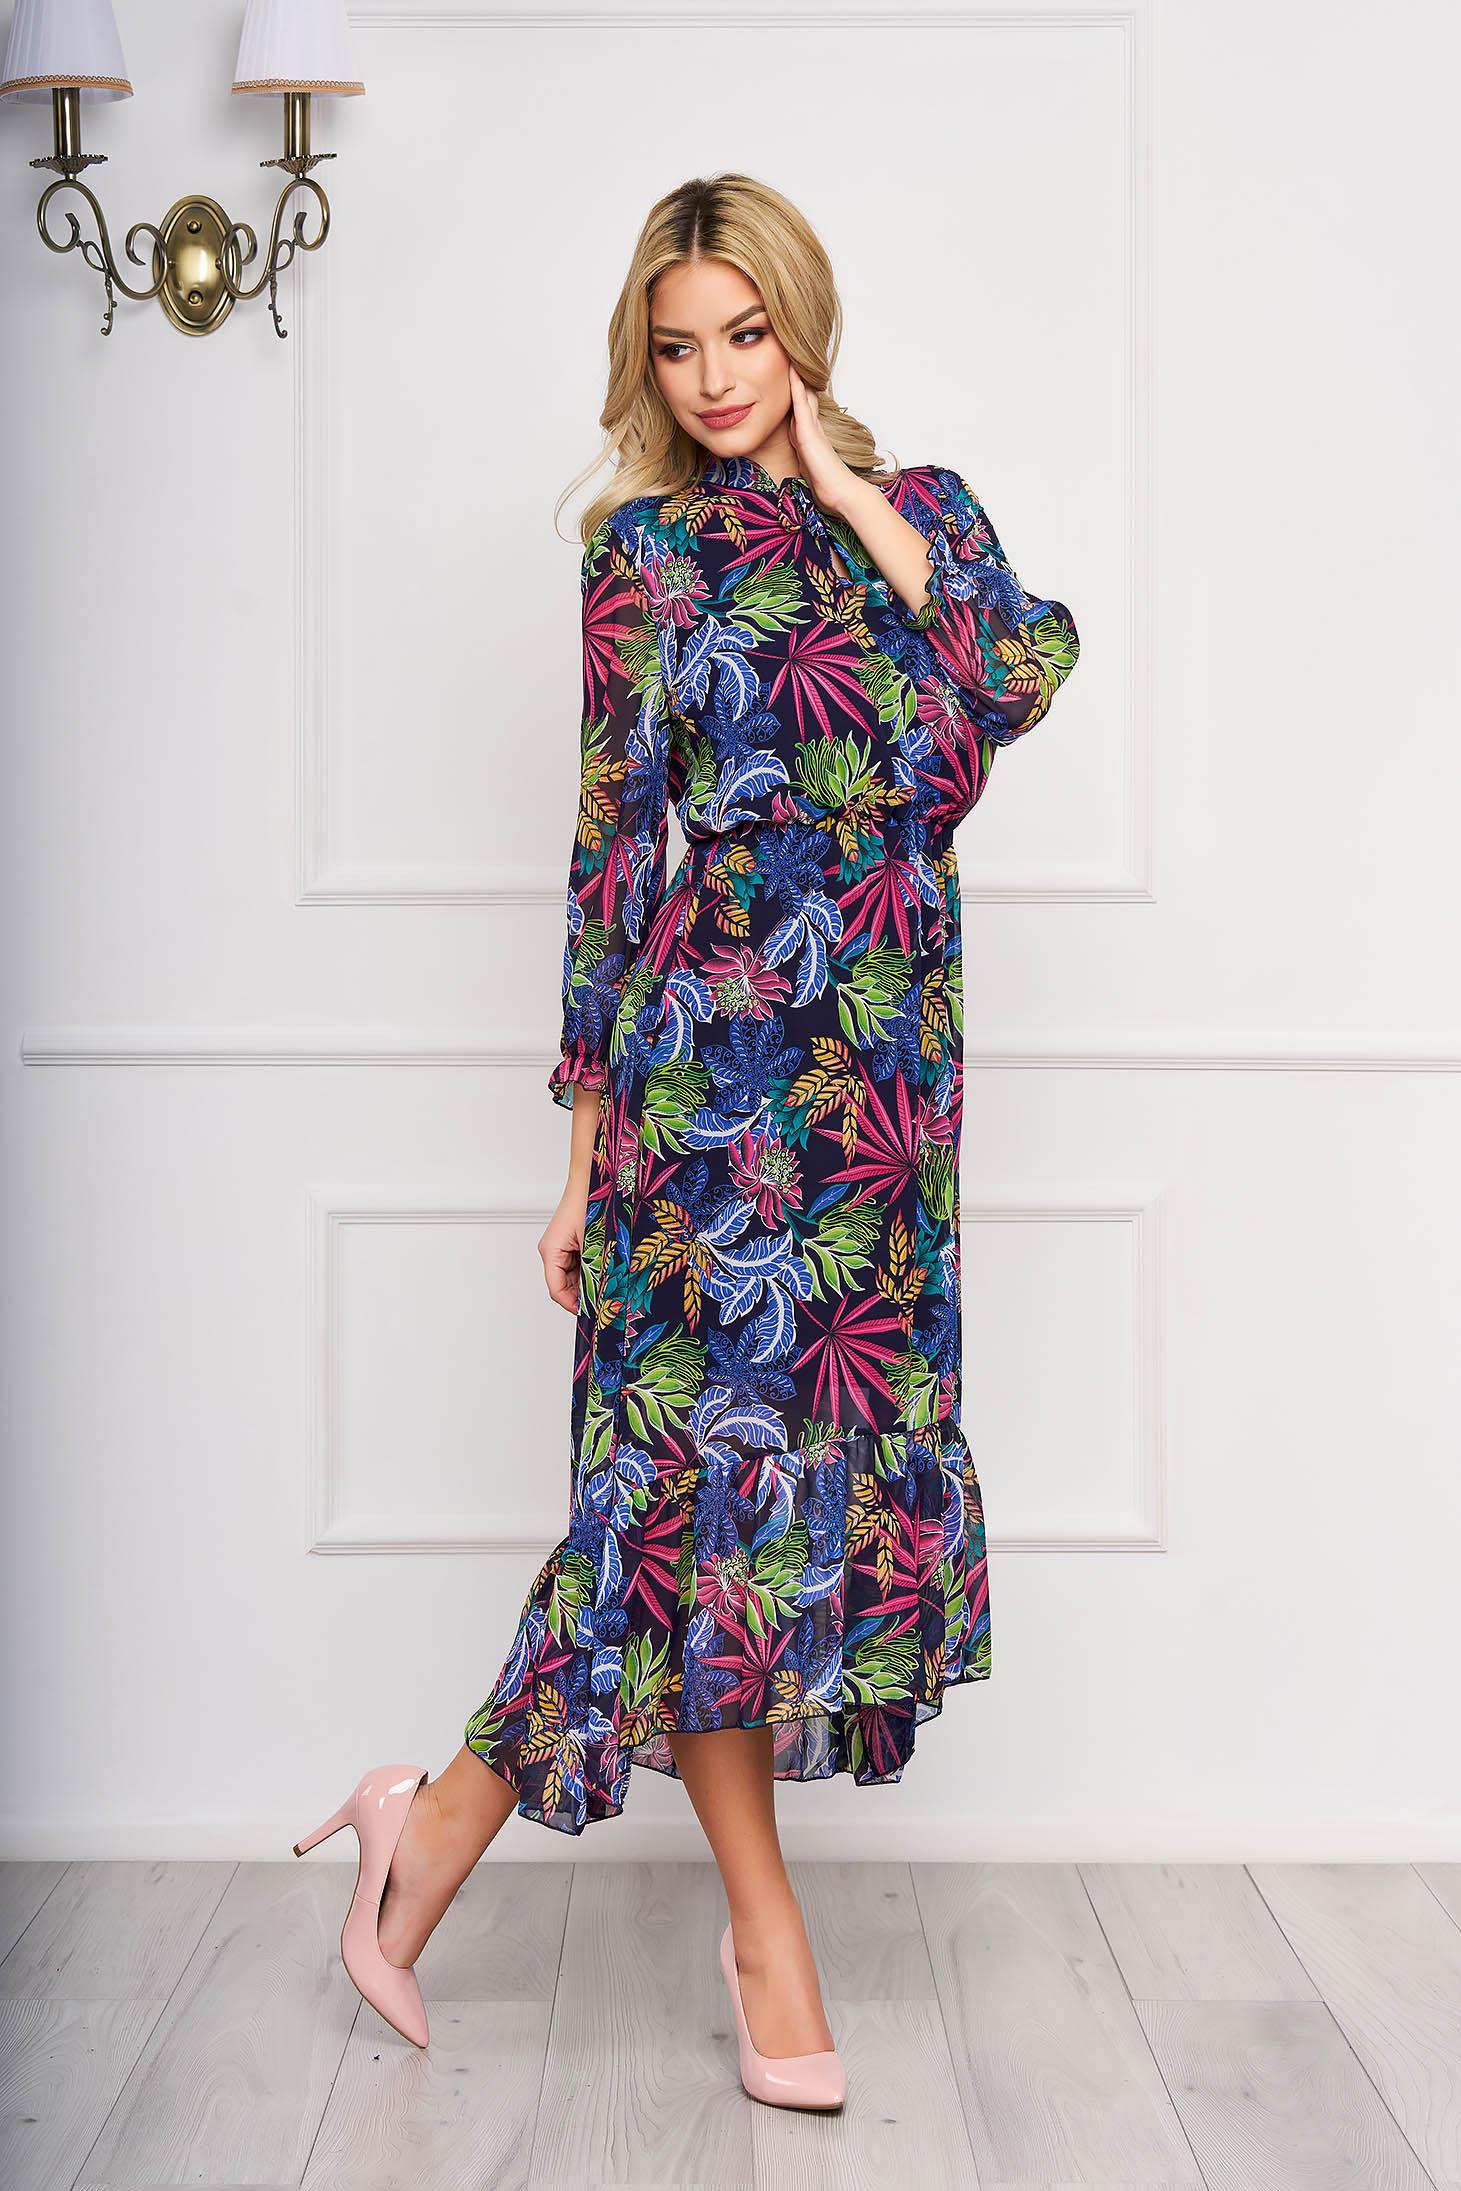 Rochie albastru-inchis asimetrica eleganta din voal cu imprimeuri florale si elastic in talie